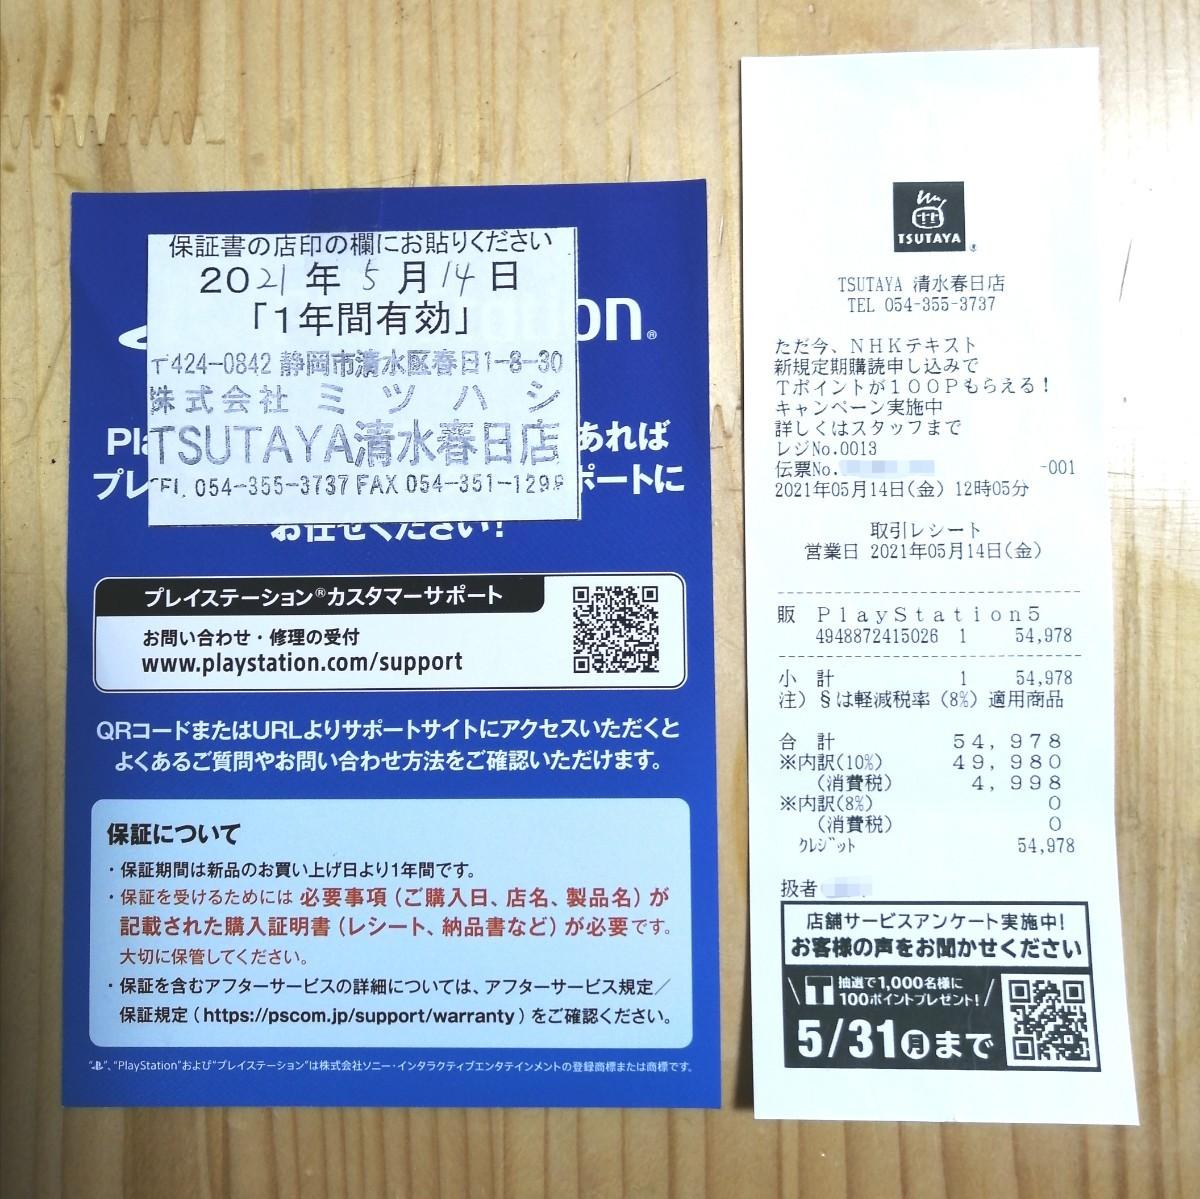 PlayStation5 保証書 証明書 レシート 通常版 ディスクドライブ